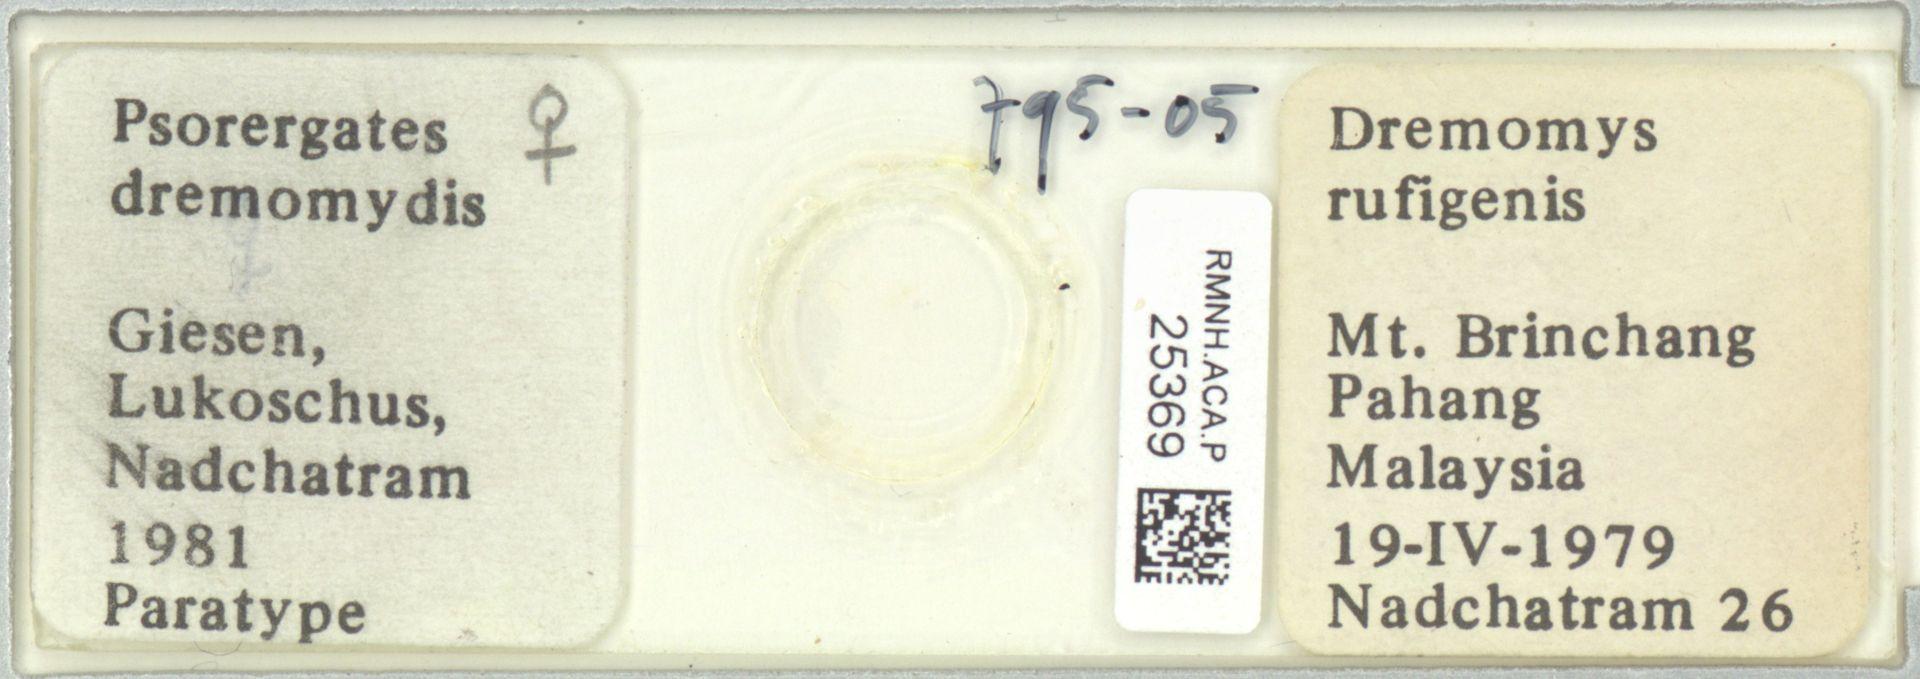 RMNH.ACA.P.25369 | Psorergates dremomydis Giesen, Lukoschus, Nadchatram 1981